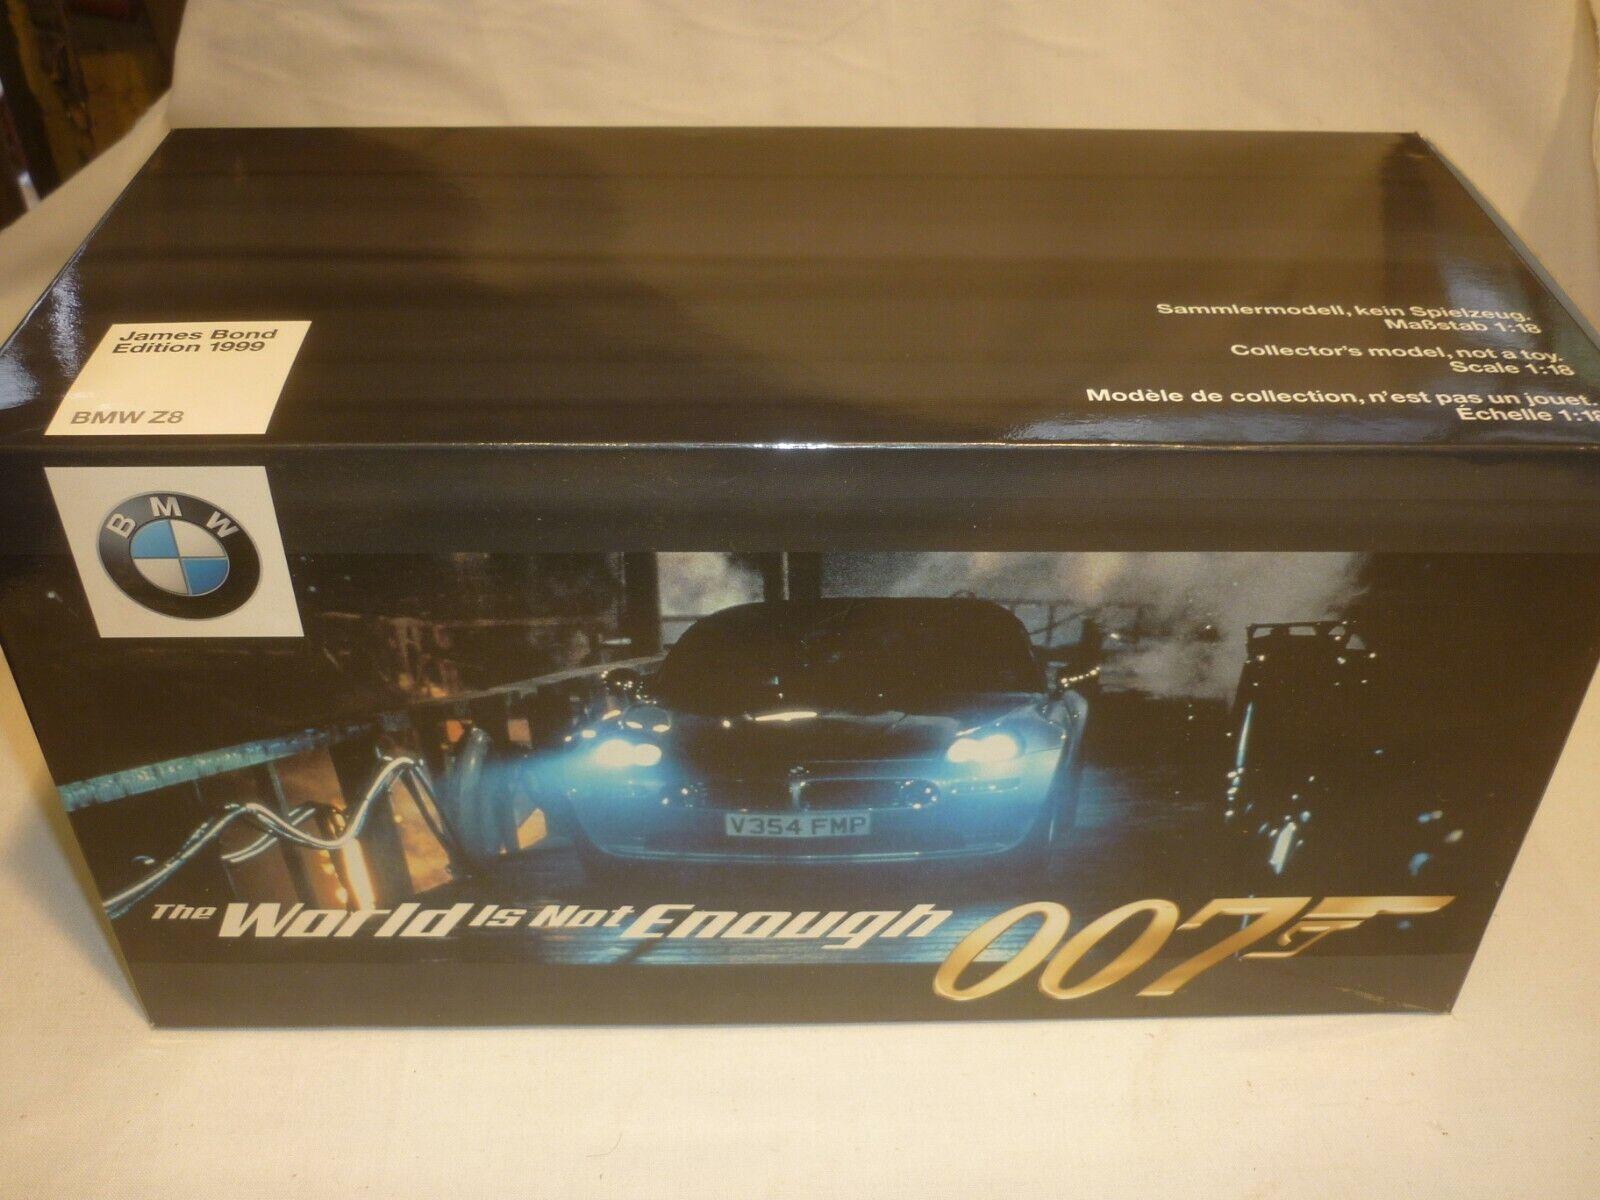 Minichamps un modelo a escala de un BMW Z8 James Bond  El mundo no es suficiente